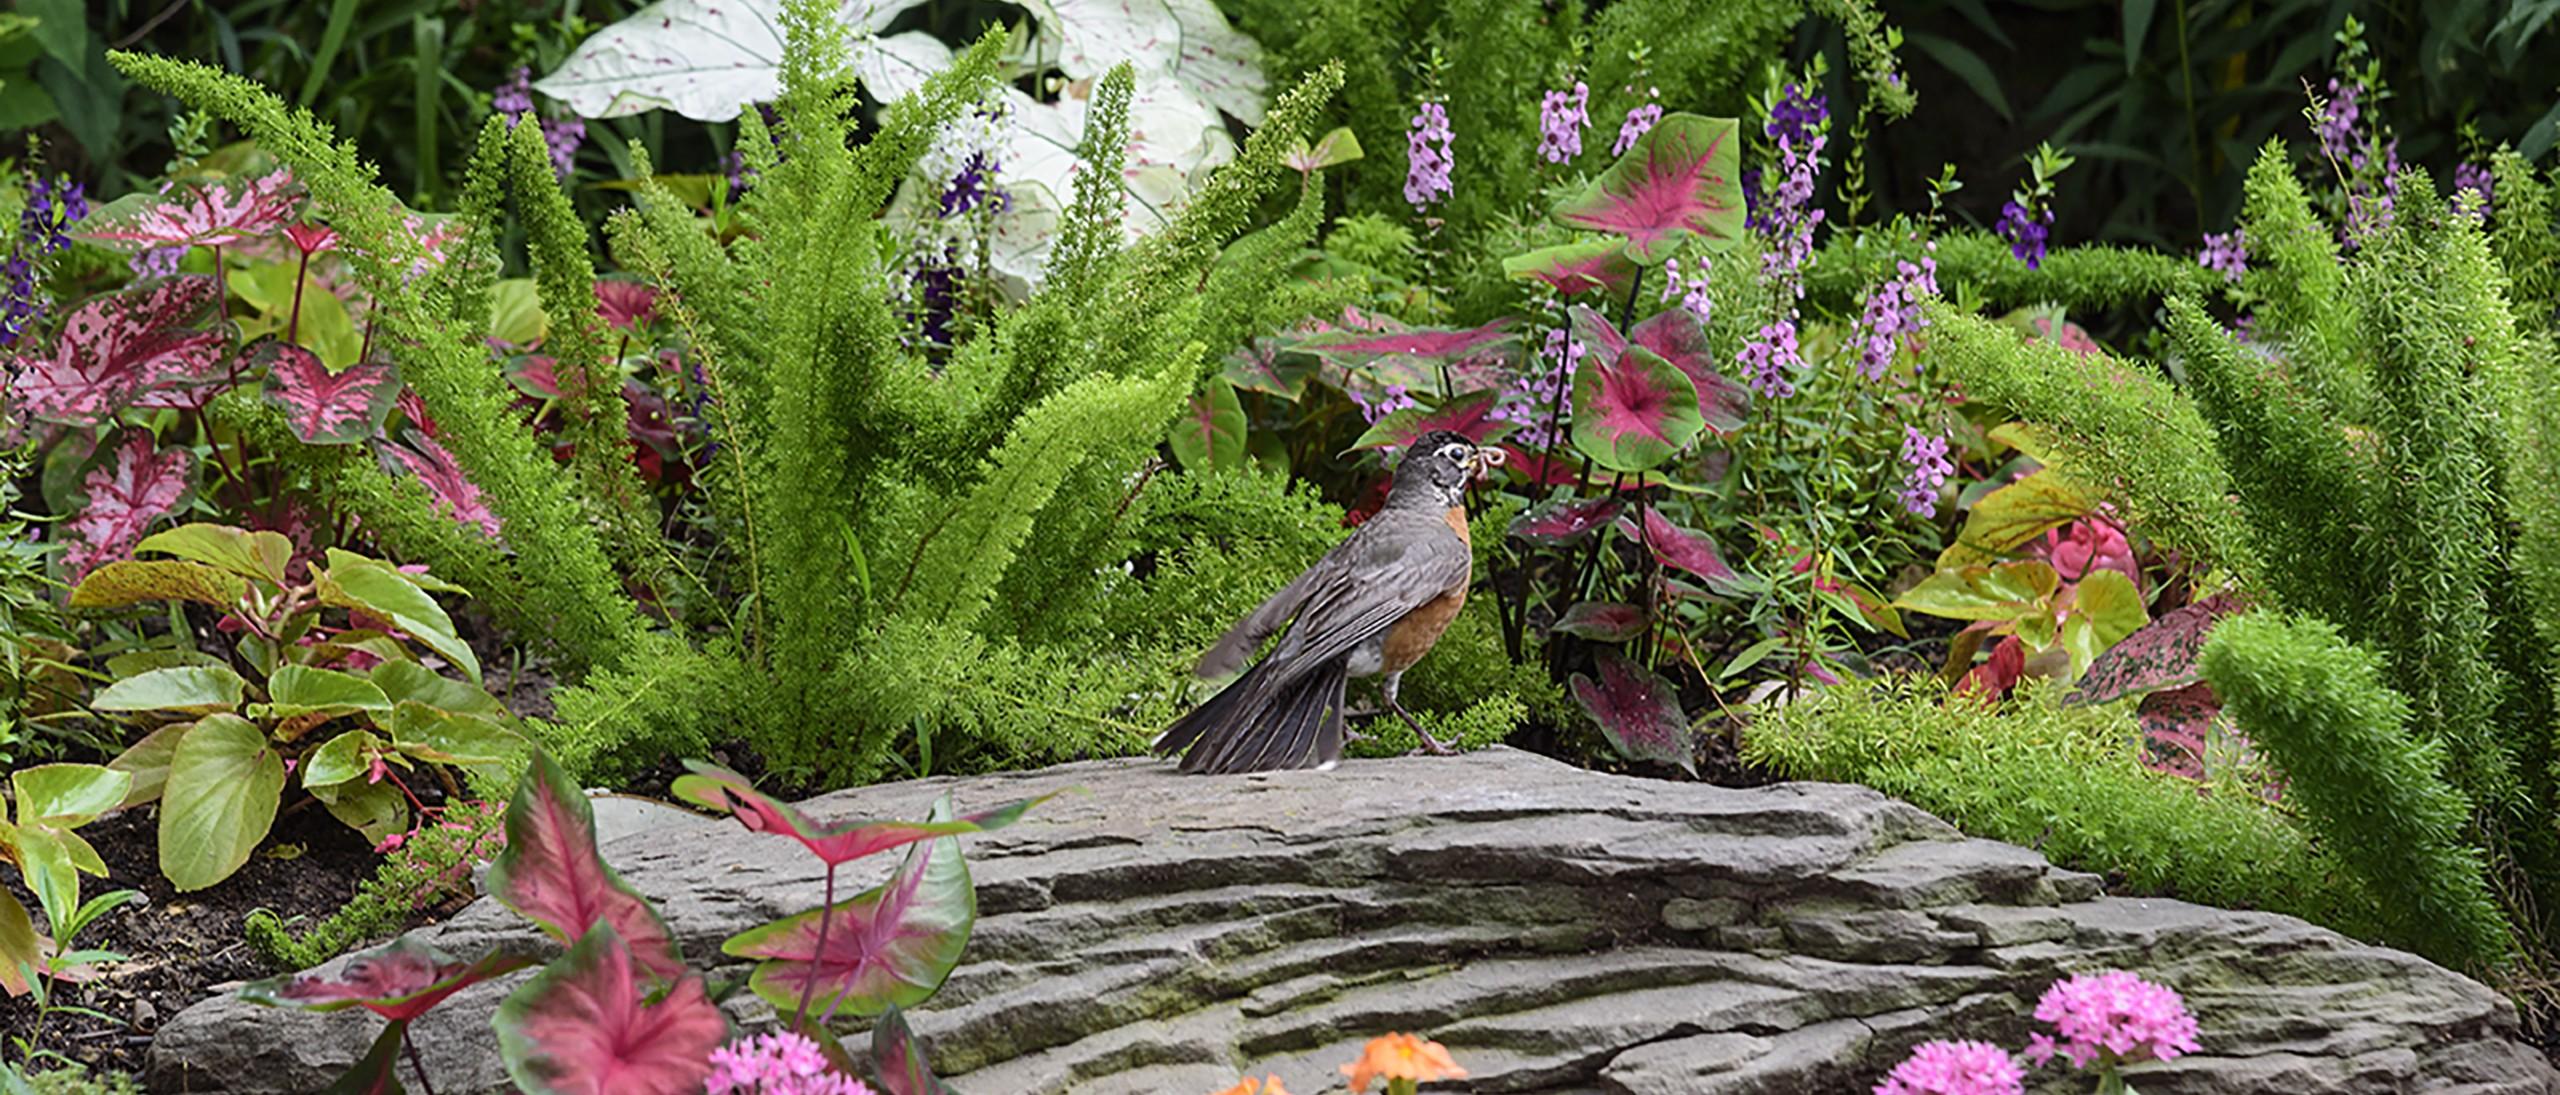 Bird in Pollinator Garden